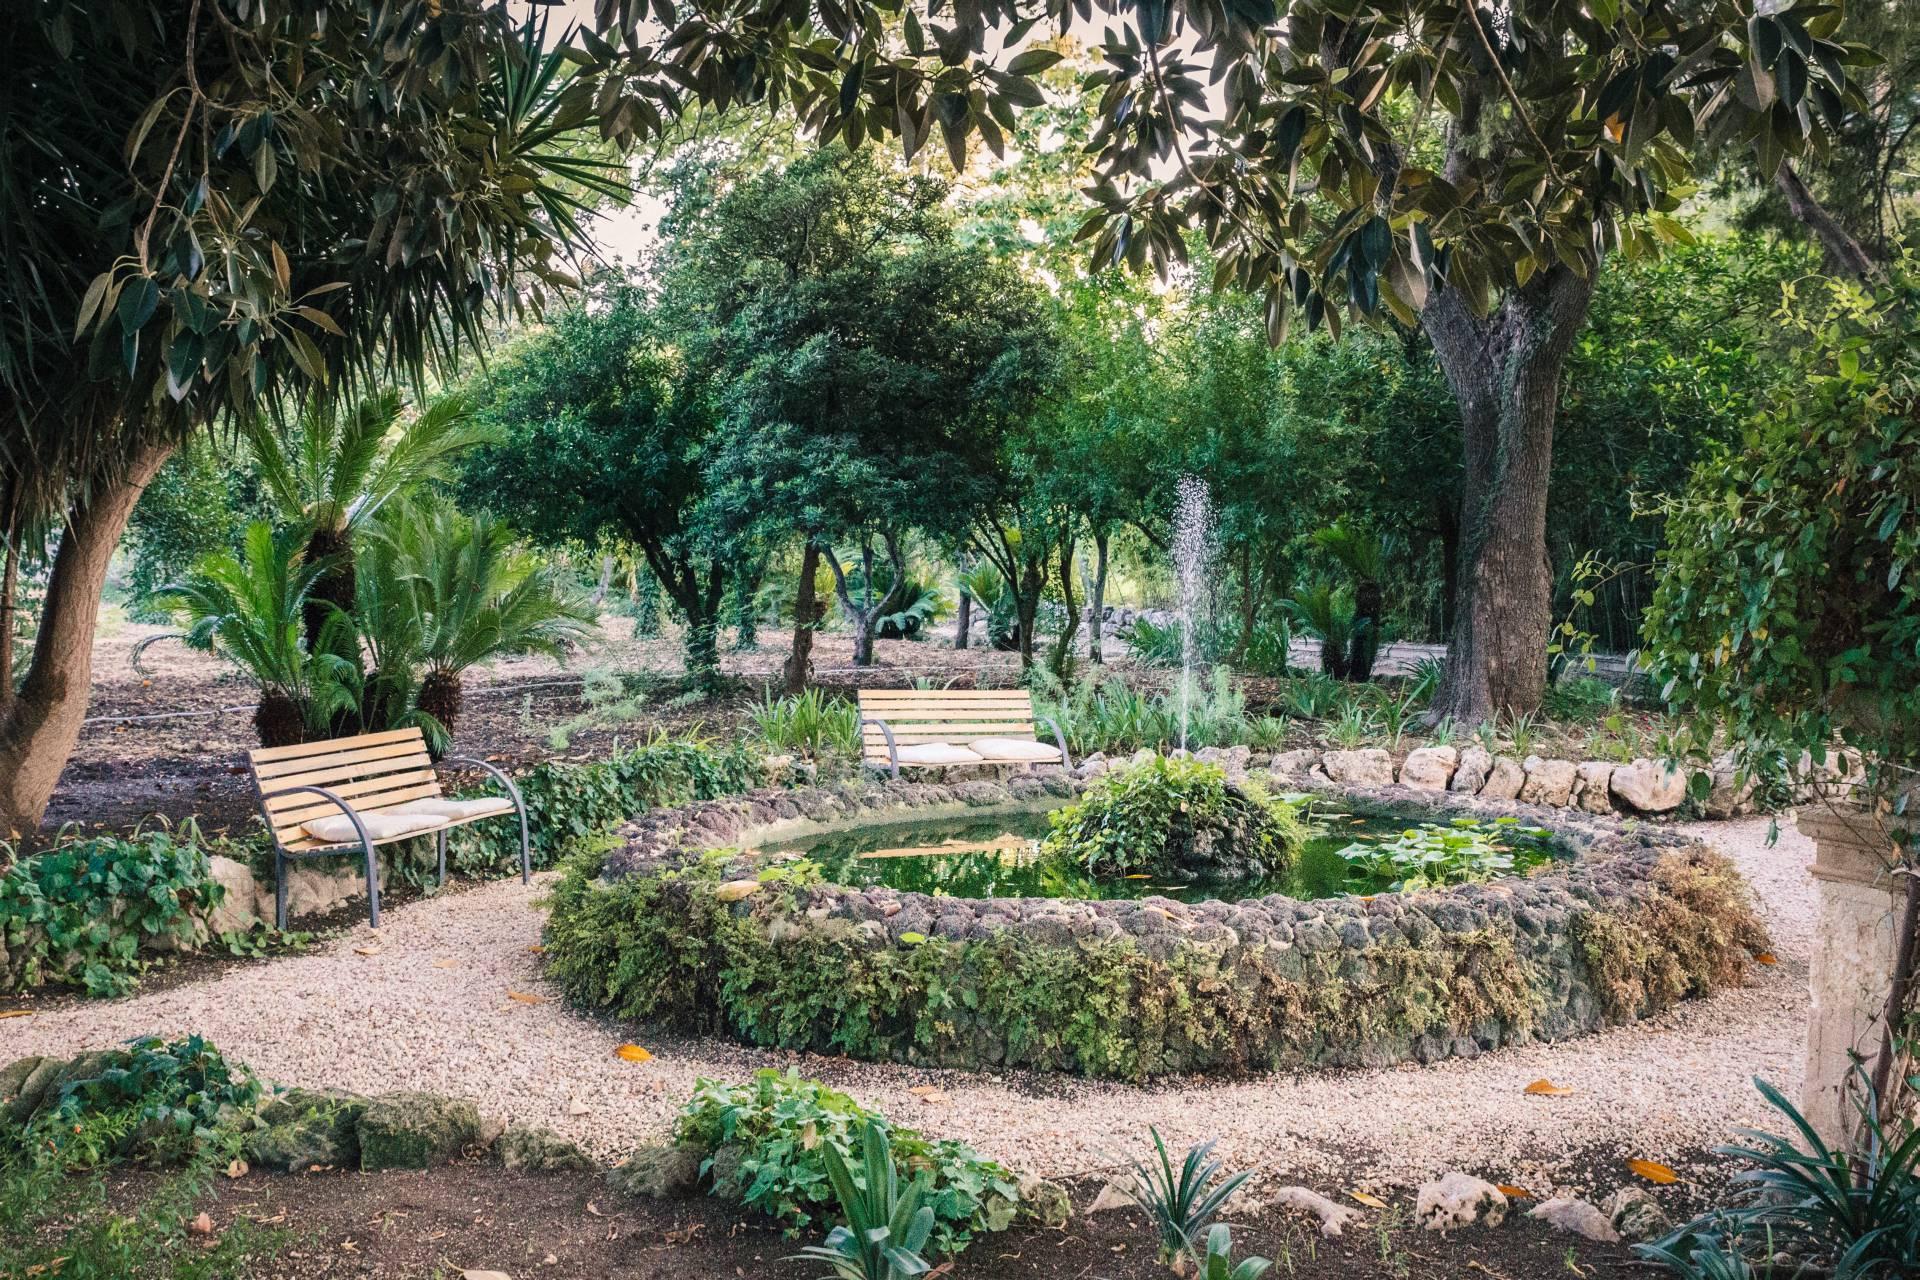 Giardino storico, dettaglio della fontana